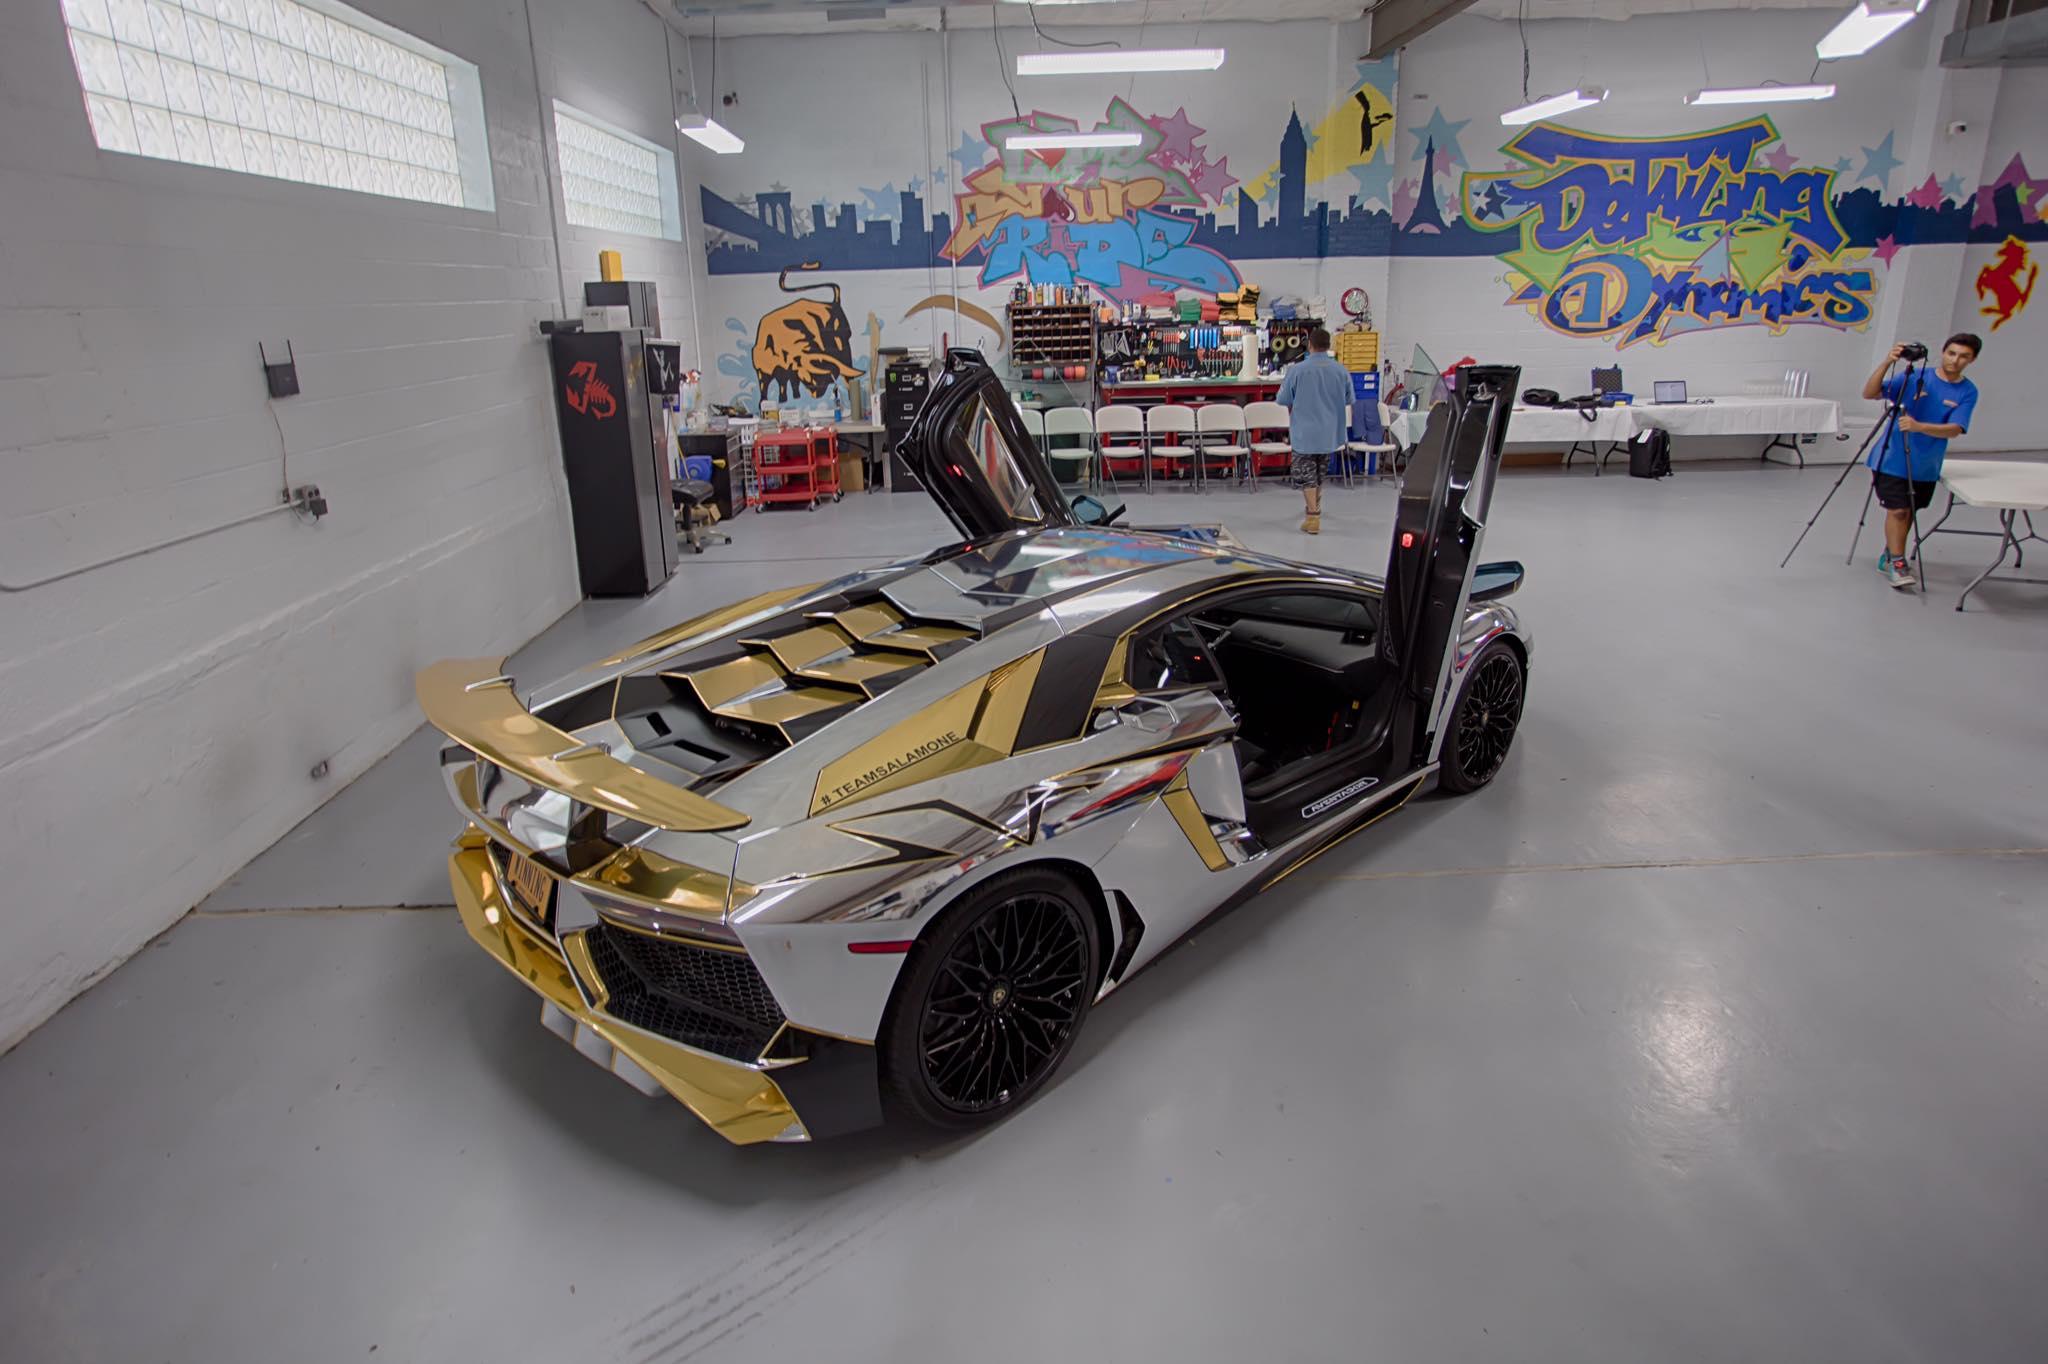 Wallpaper Team Salamone Lamborghini 2018 - Carina on silver and orange lamborghini murcielago, silver car in saudi, silver matte aventador,